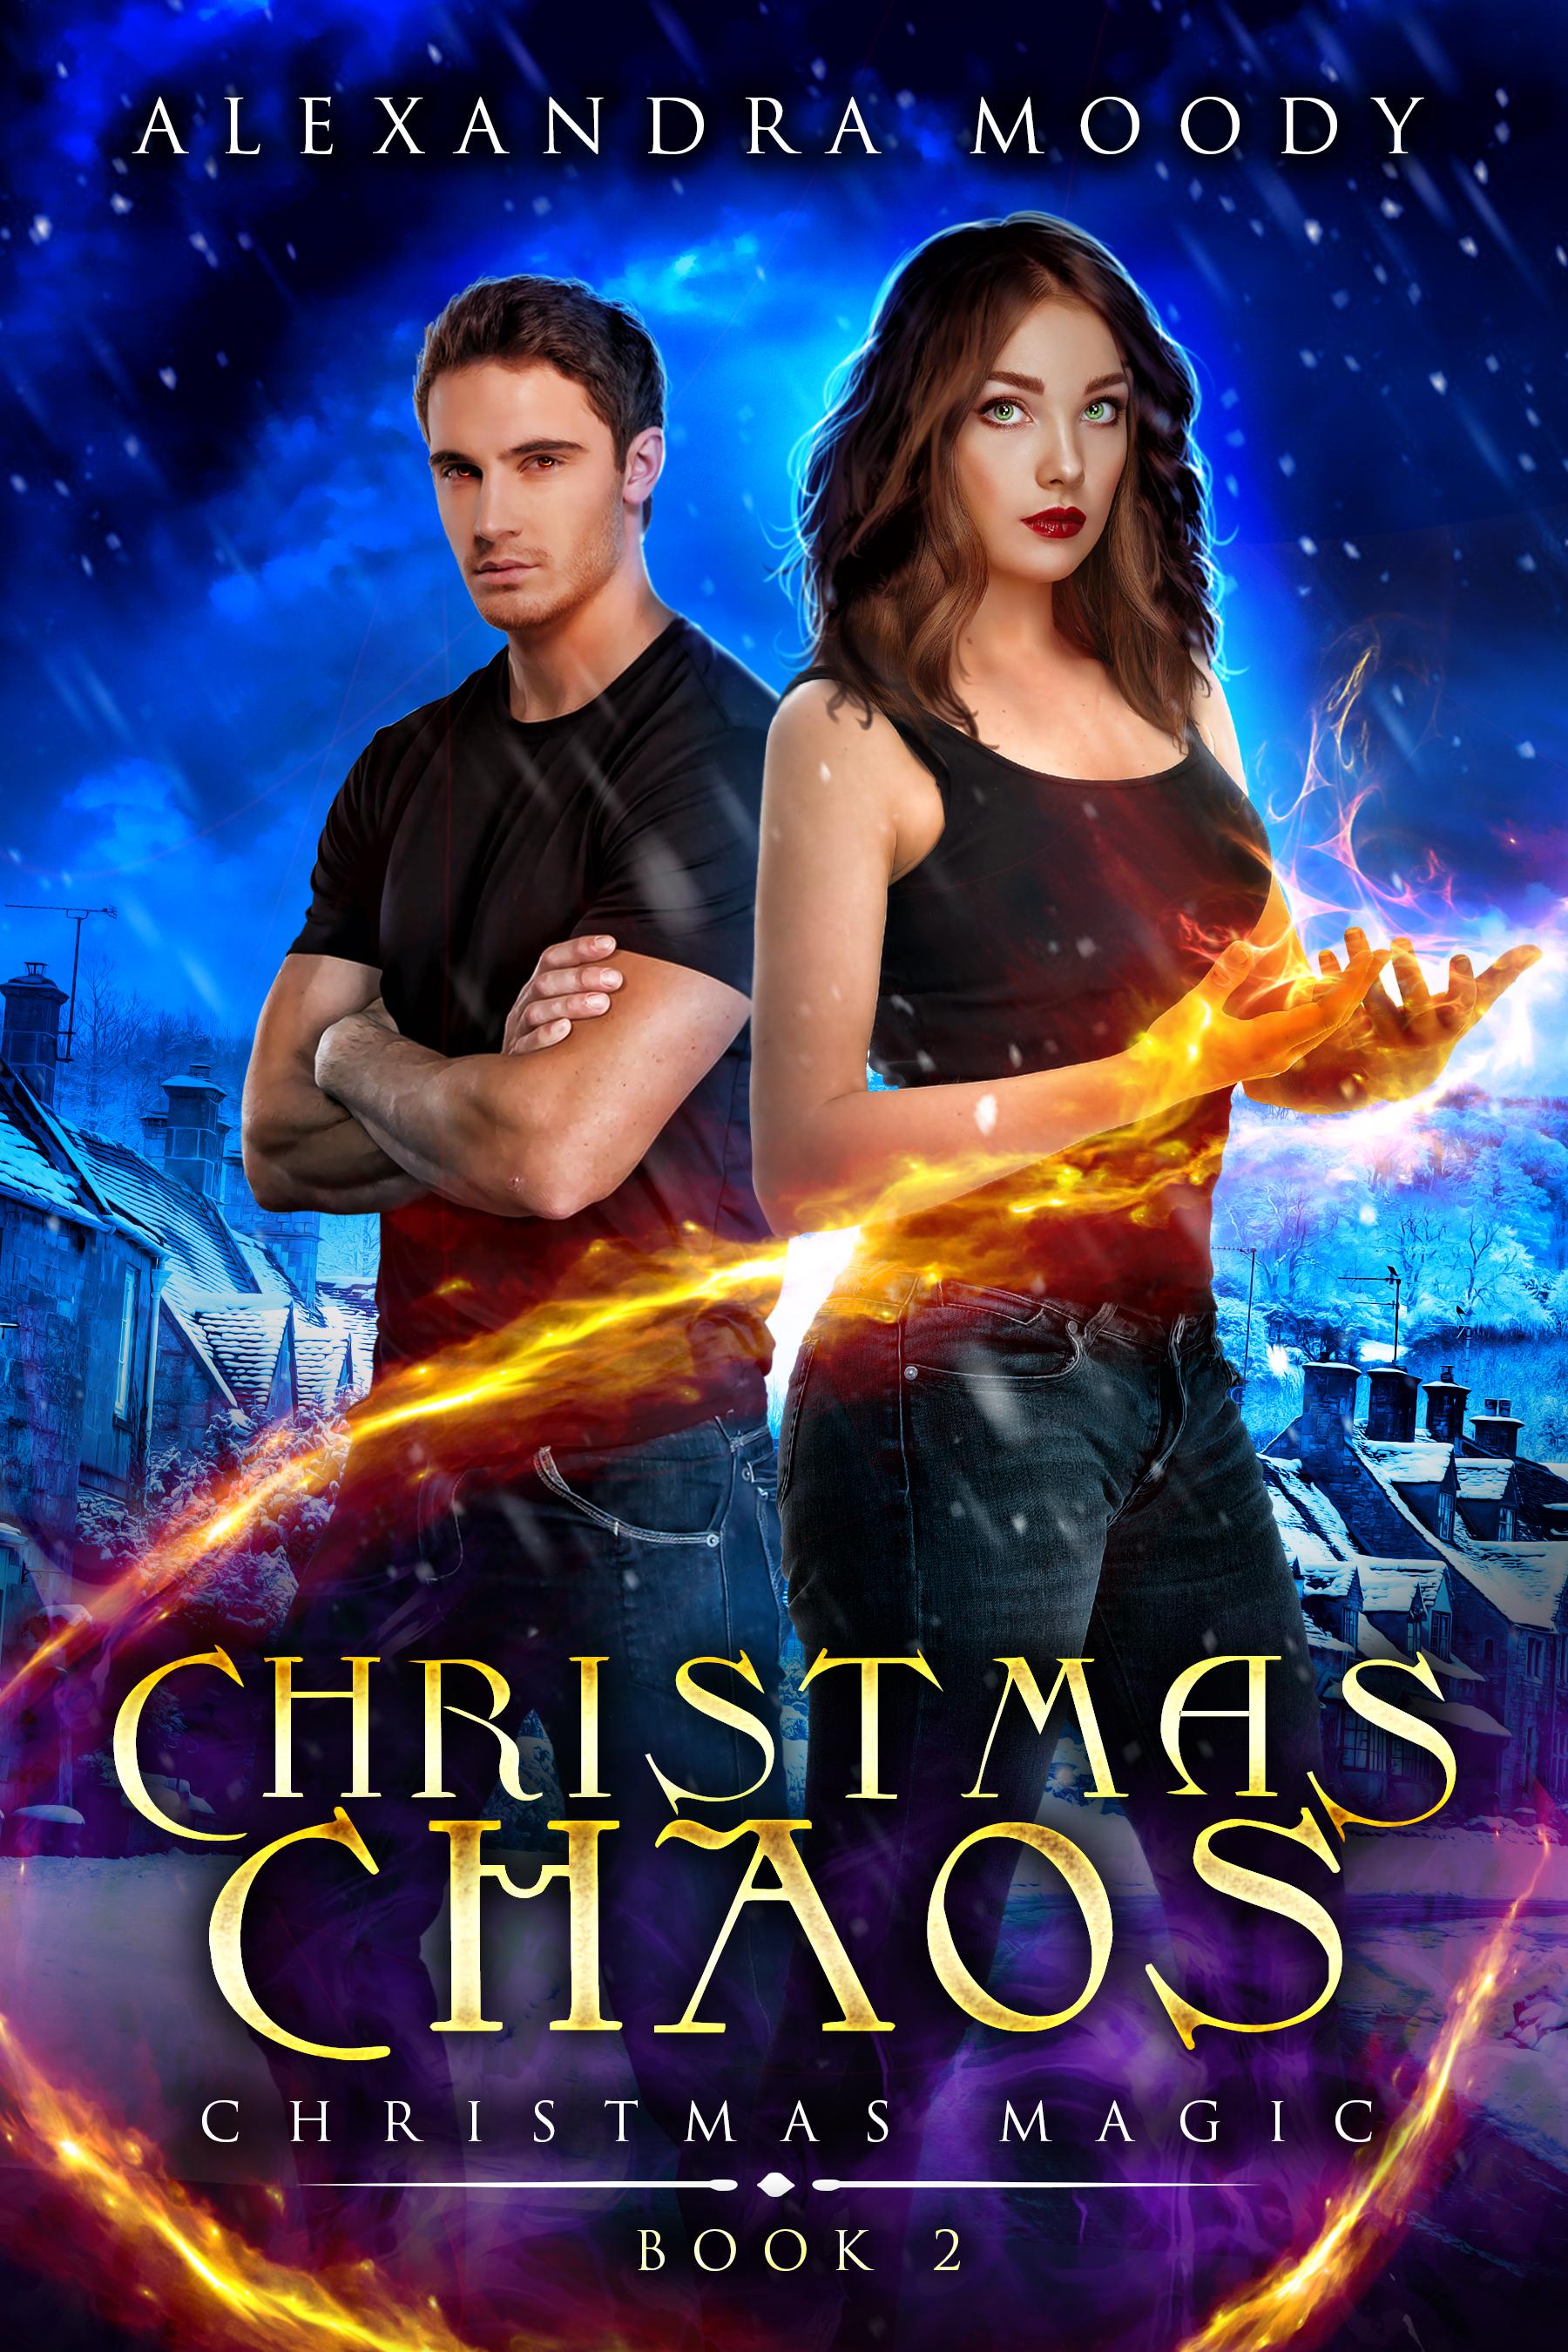 Christmas Chaos.jpg